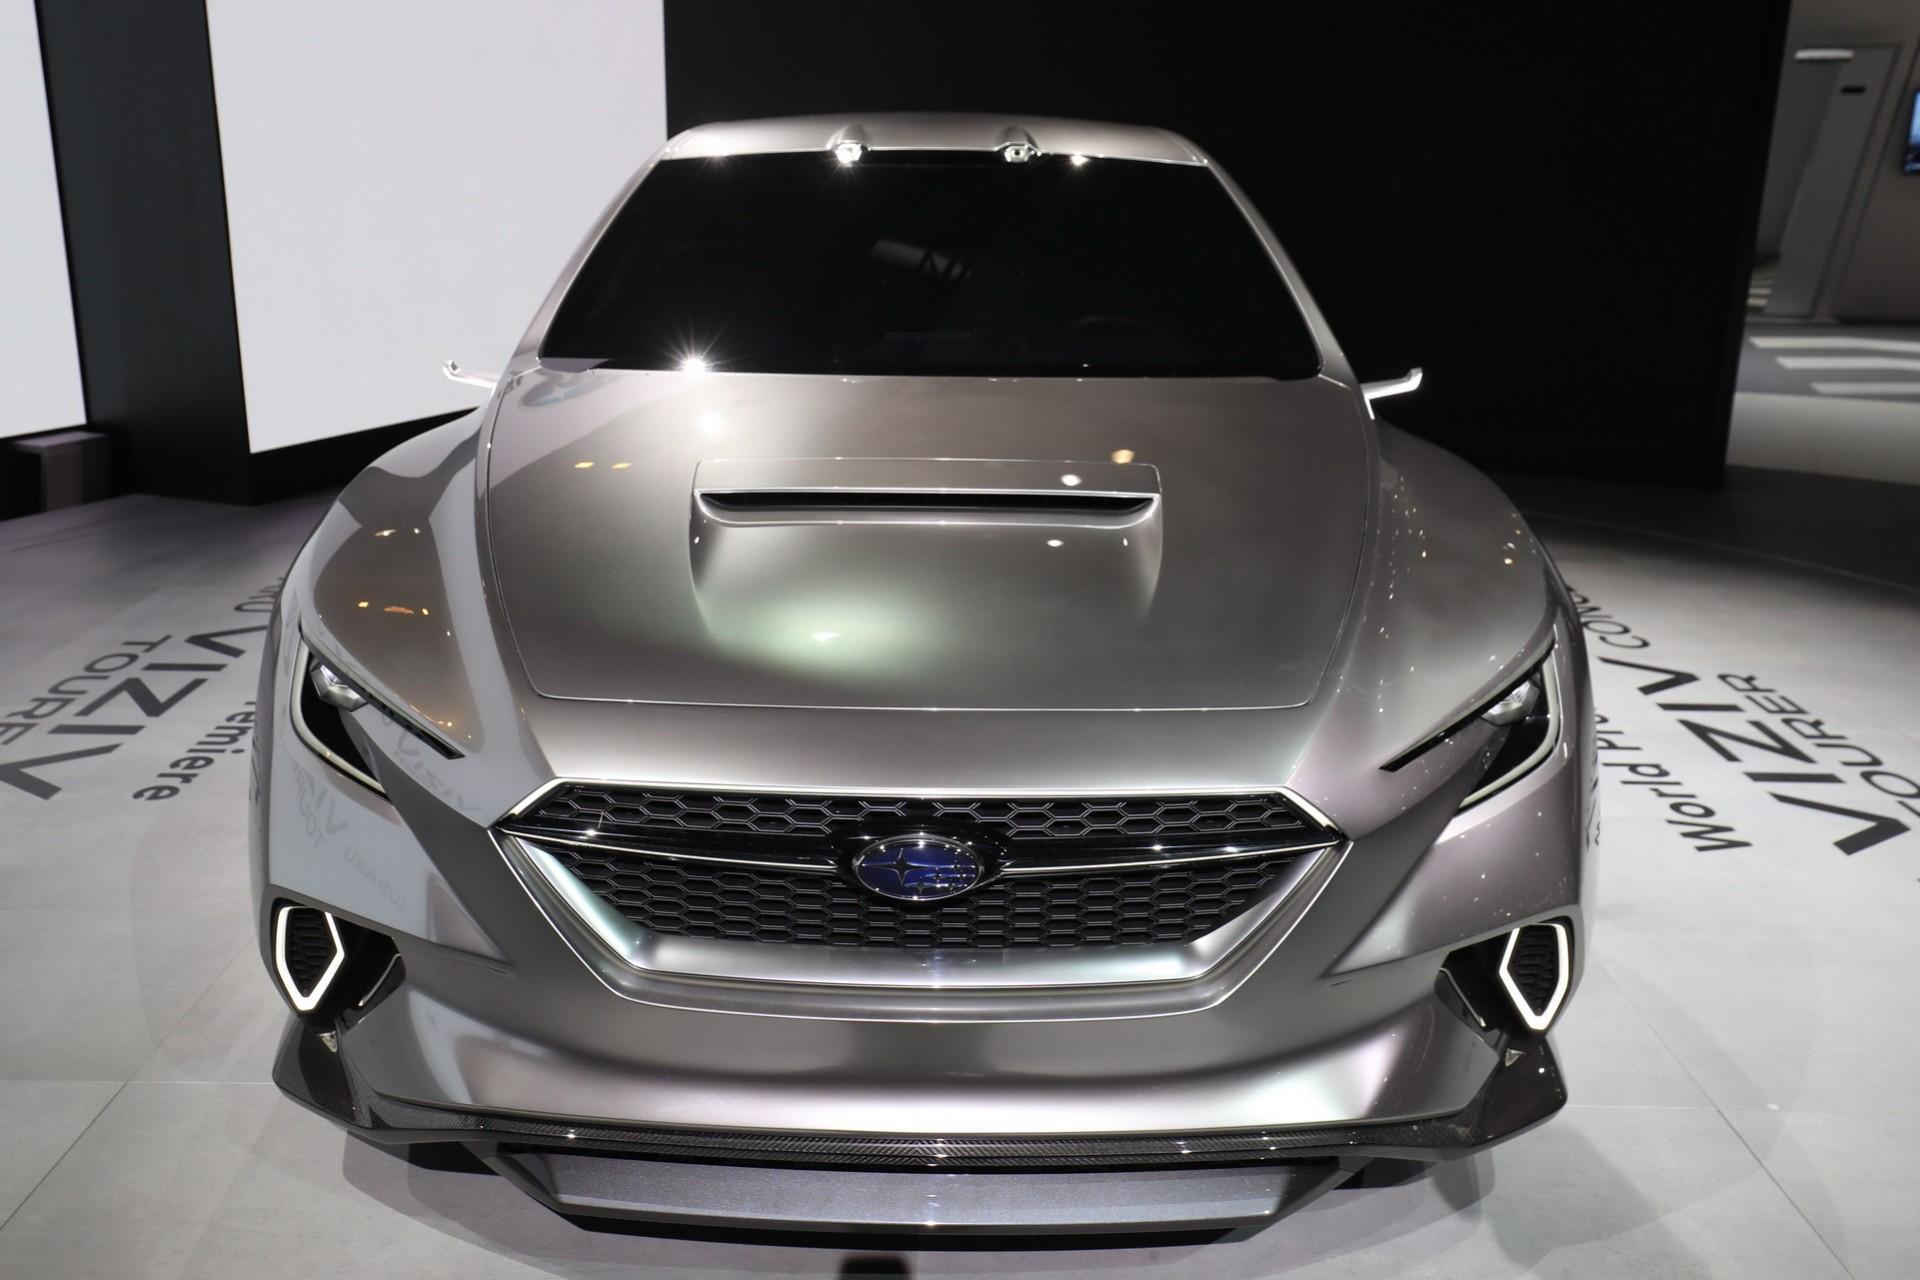 Subaru Viziv Tourer Concept (8)